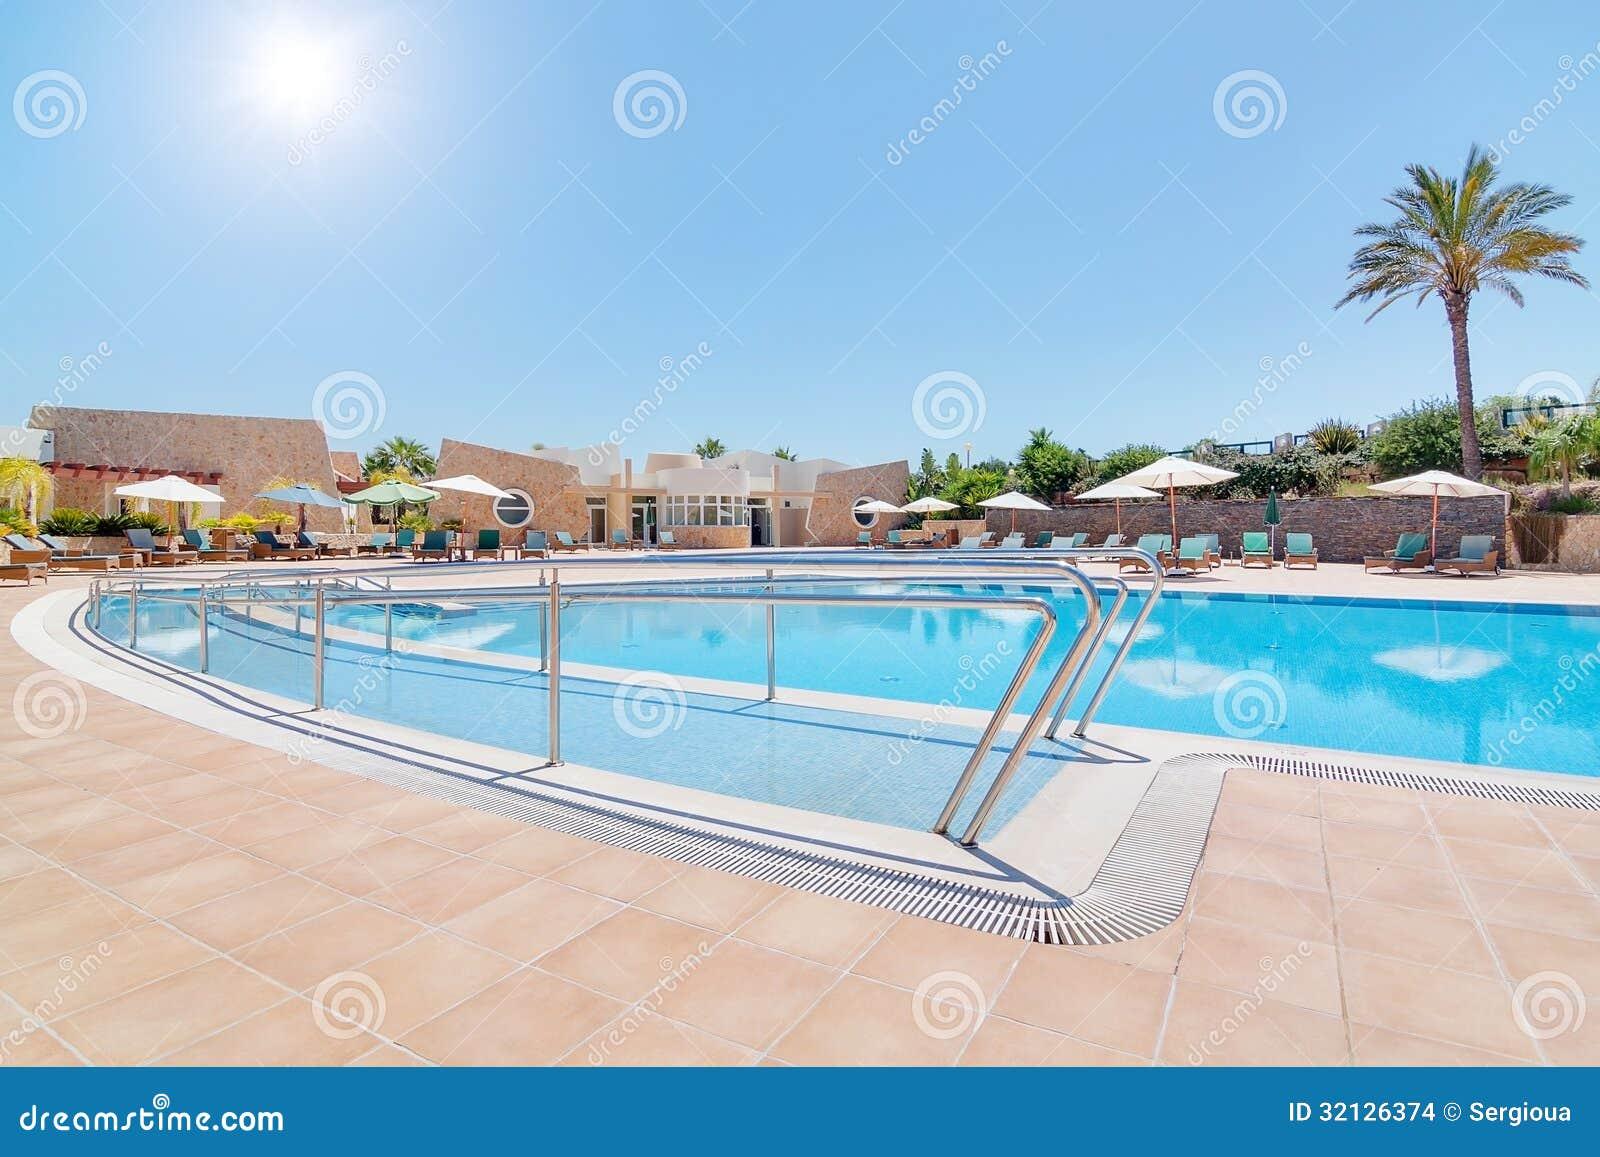 Modern zwembad en een spoor voor de gehandicapten in de zomer stock afbeeldingen afbeelding for Modern zwembad